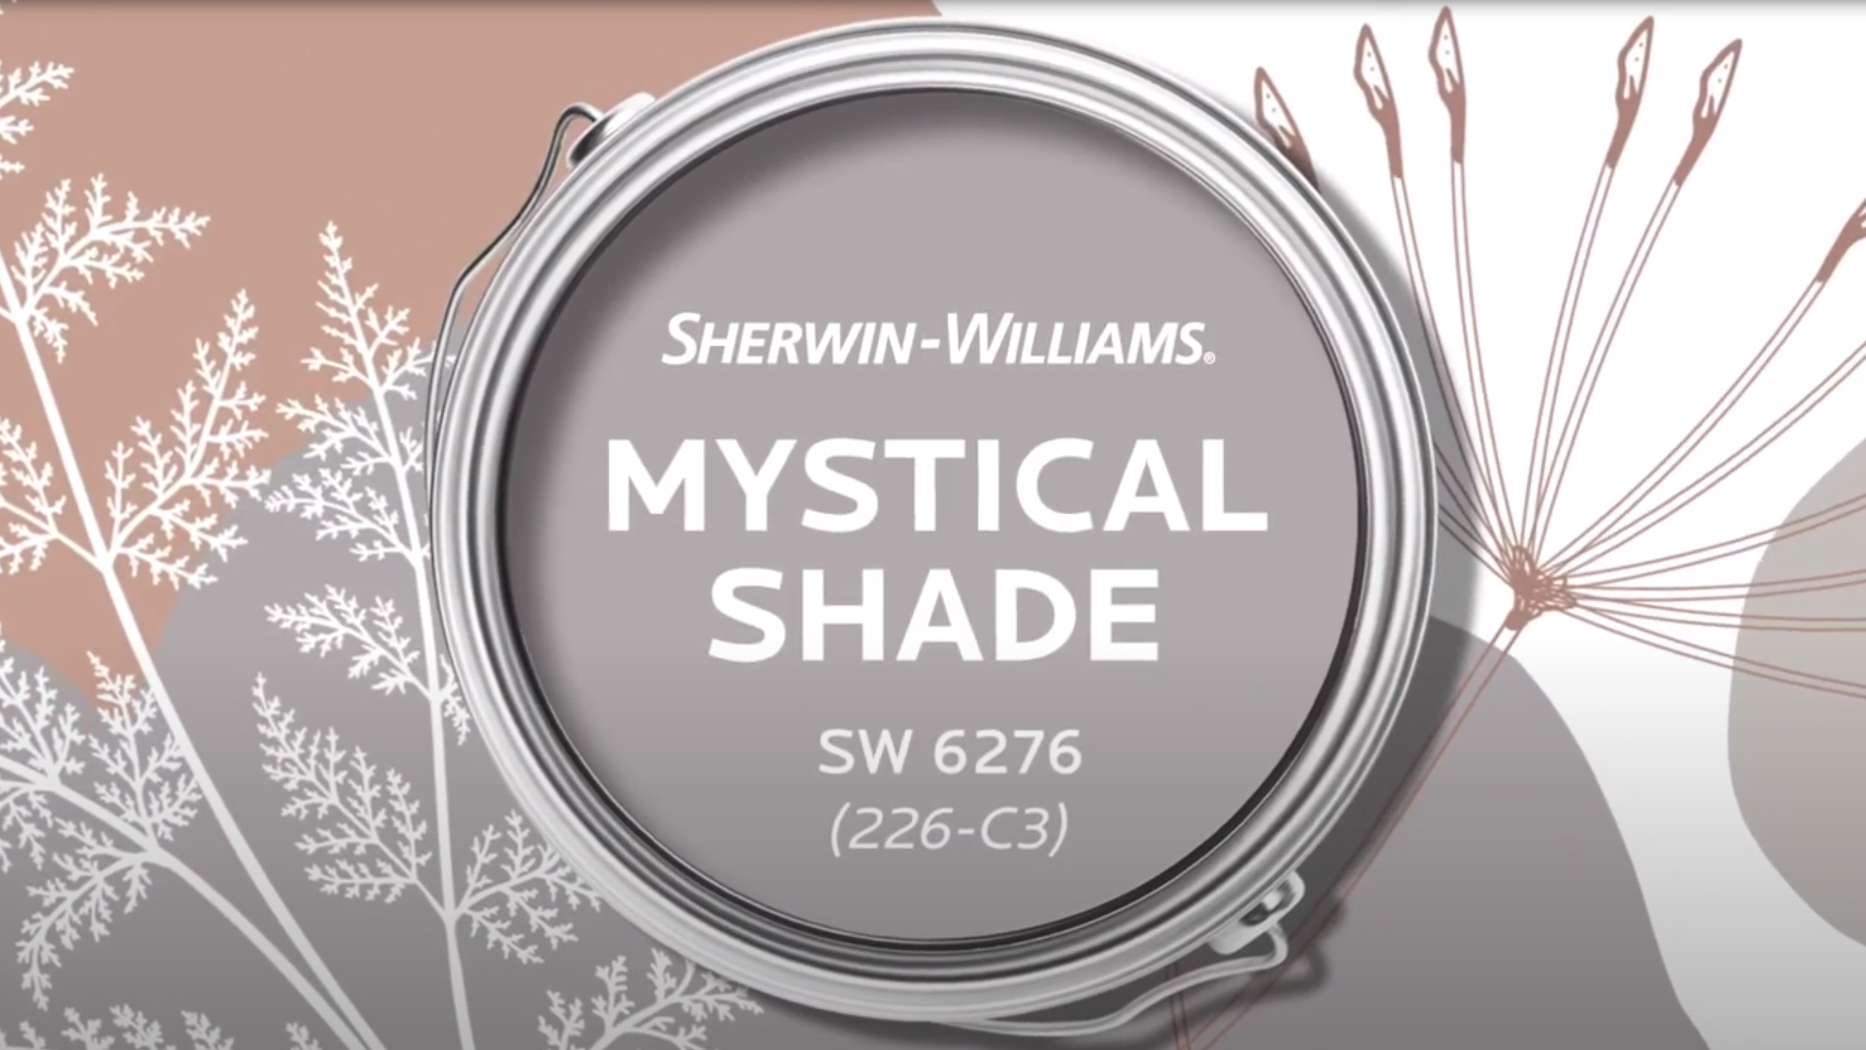 SW 6276 Mystical Shade